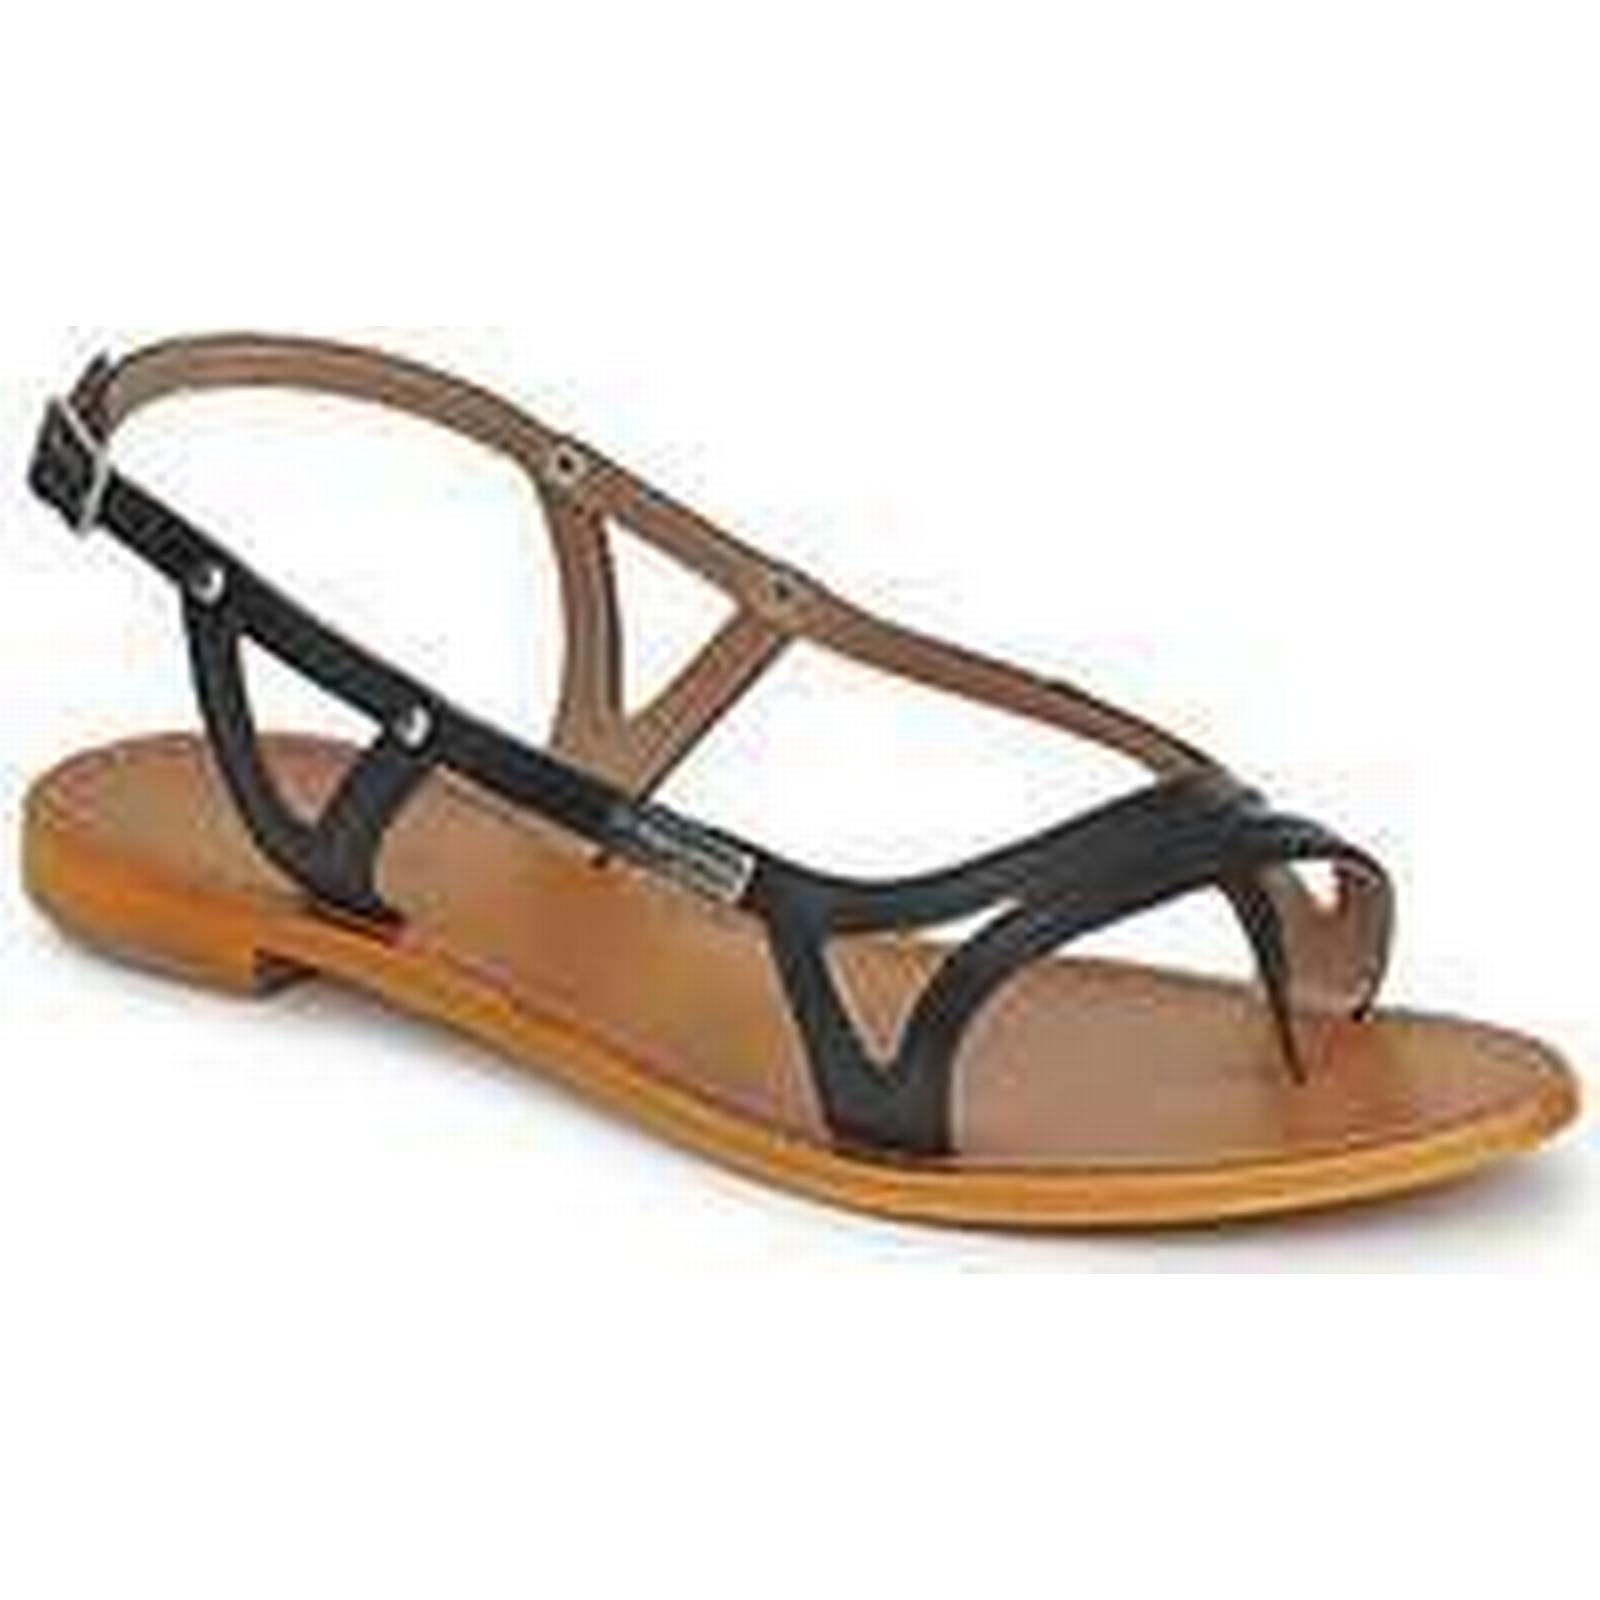 Spartoo.co.uk Les Tropéziennes par in M Belarbi ISATIS women's Sandals in par Black 0291c0